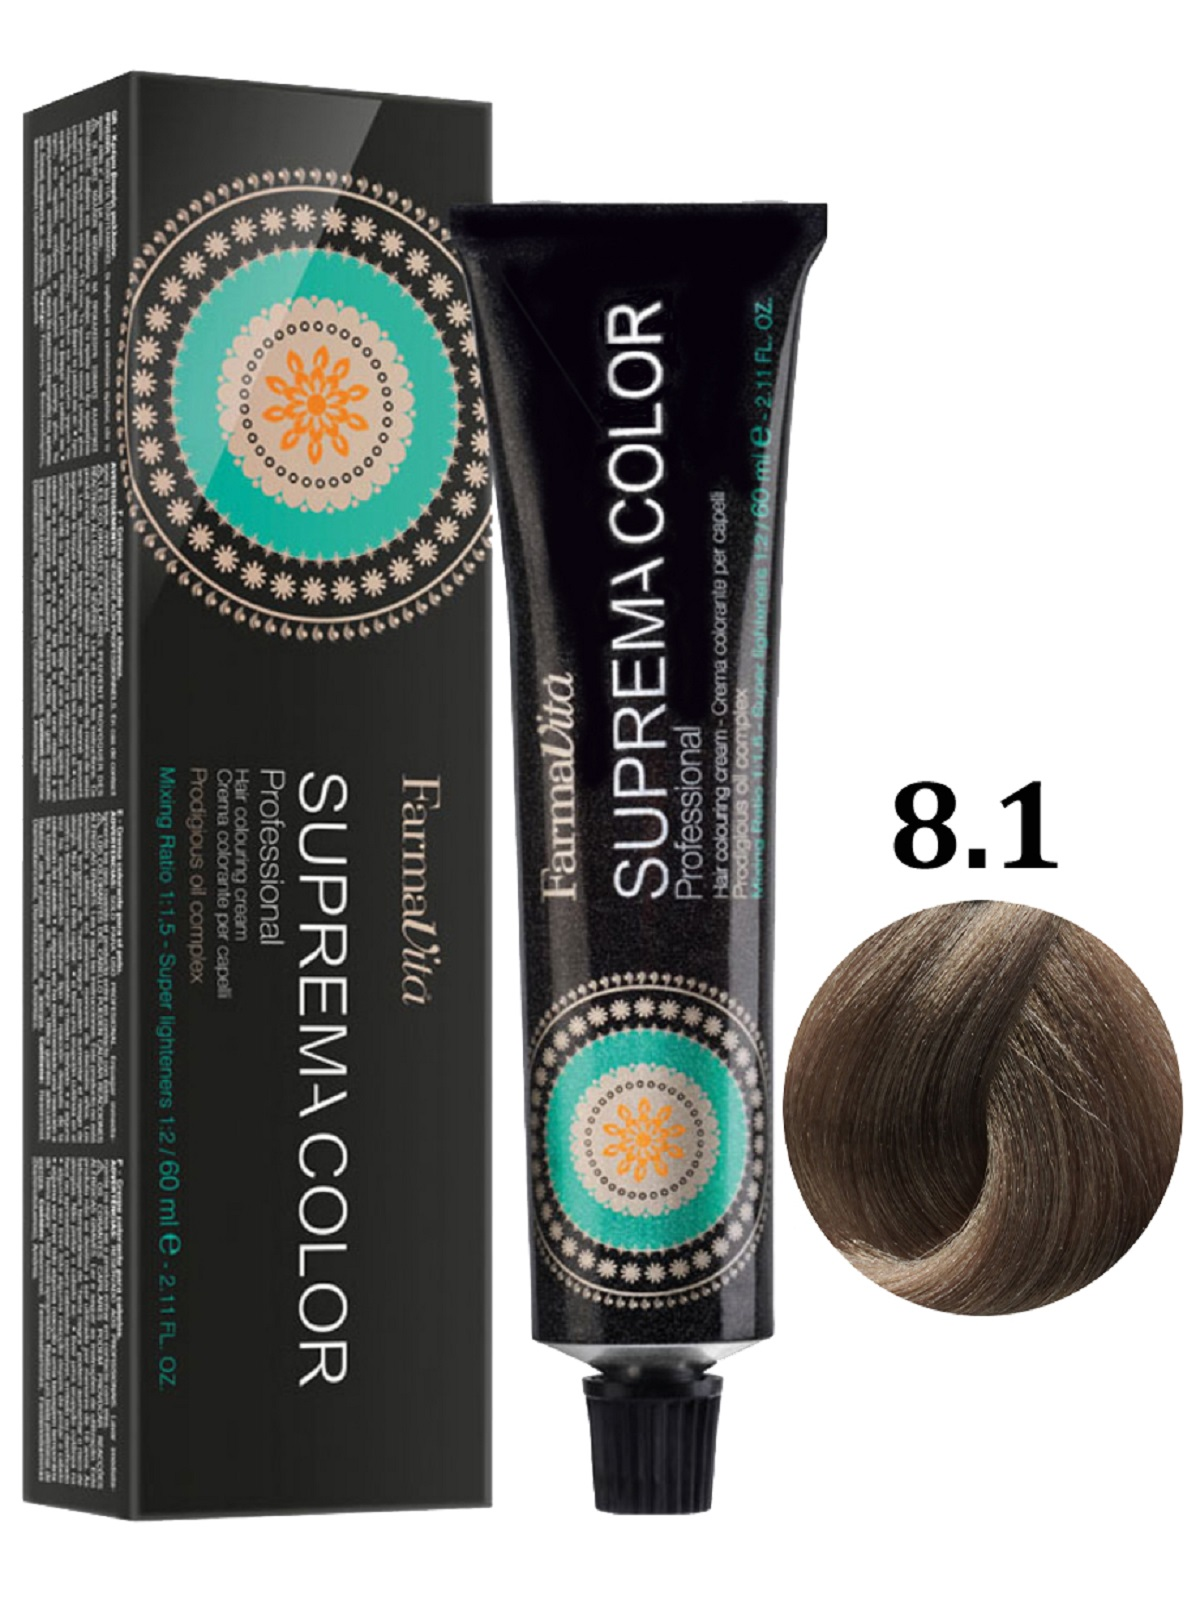 Купить Крем-краска FarmaVita SUPREMA COLOR для волос 8.1 светло-пепельный блондин 60 мл